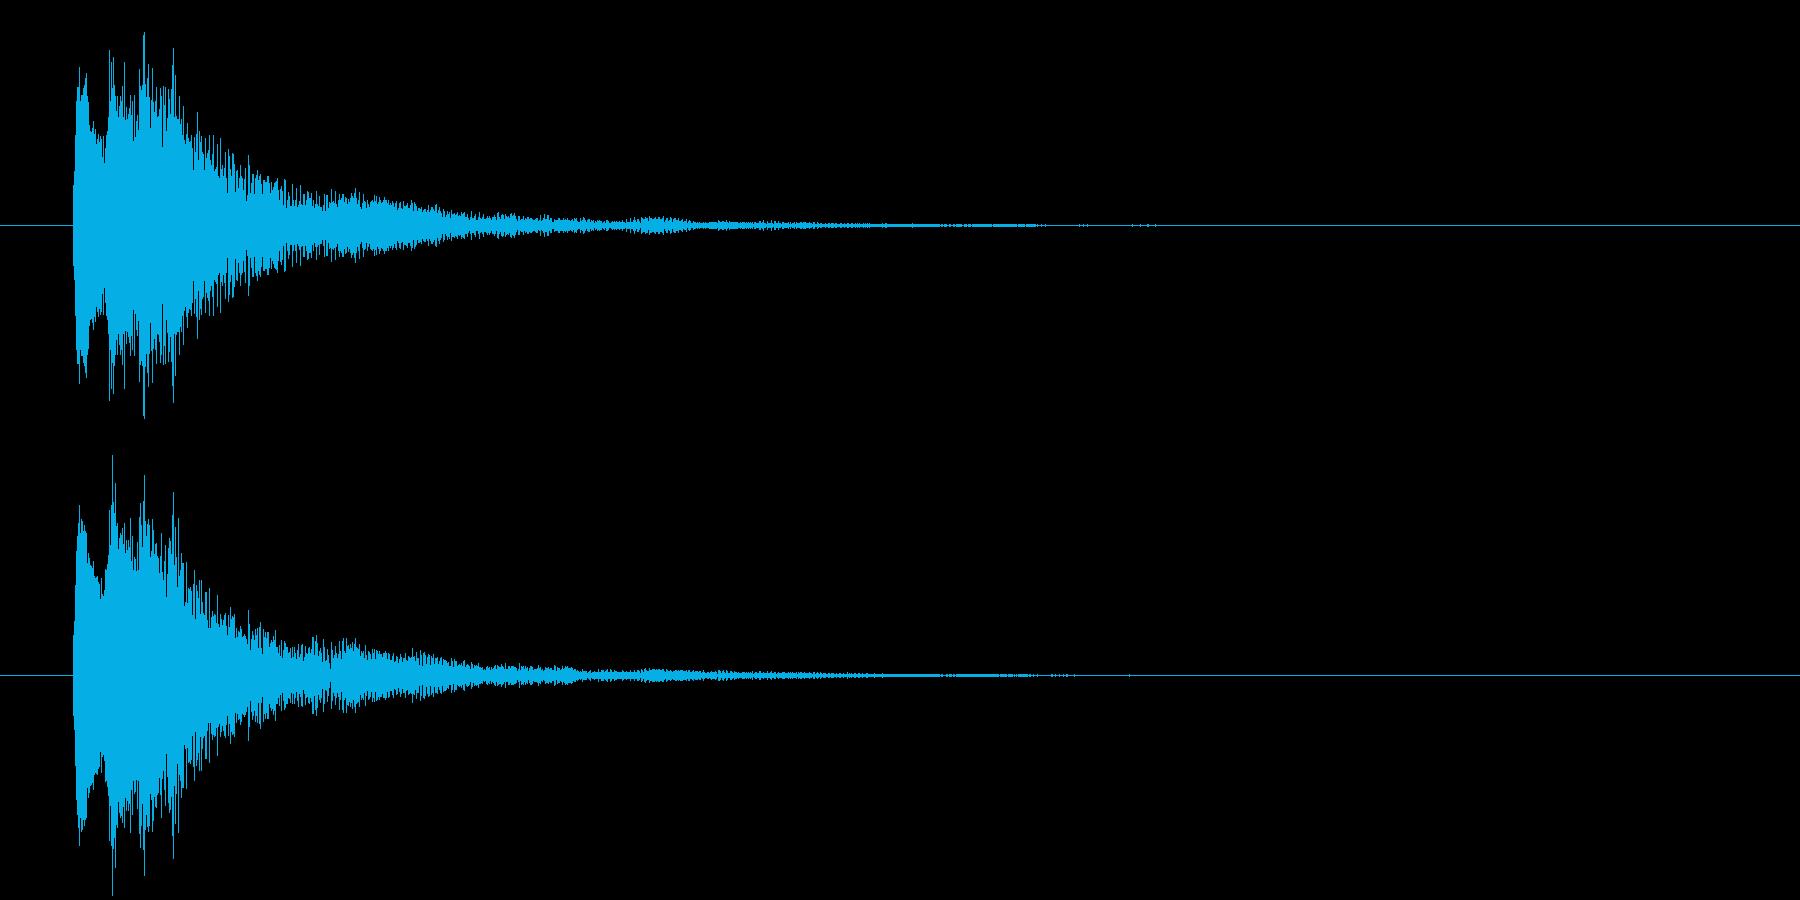 ポロン②(キャンセル・お知らせ・下降音)の再生済みの波形